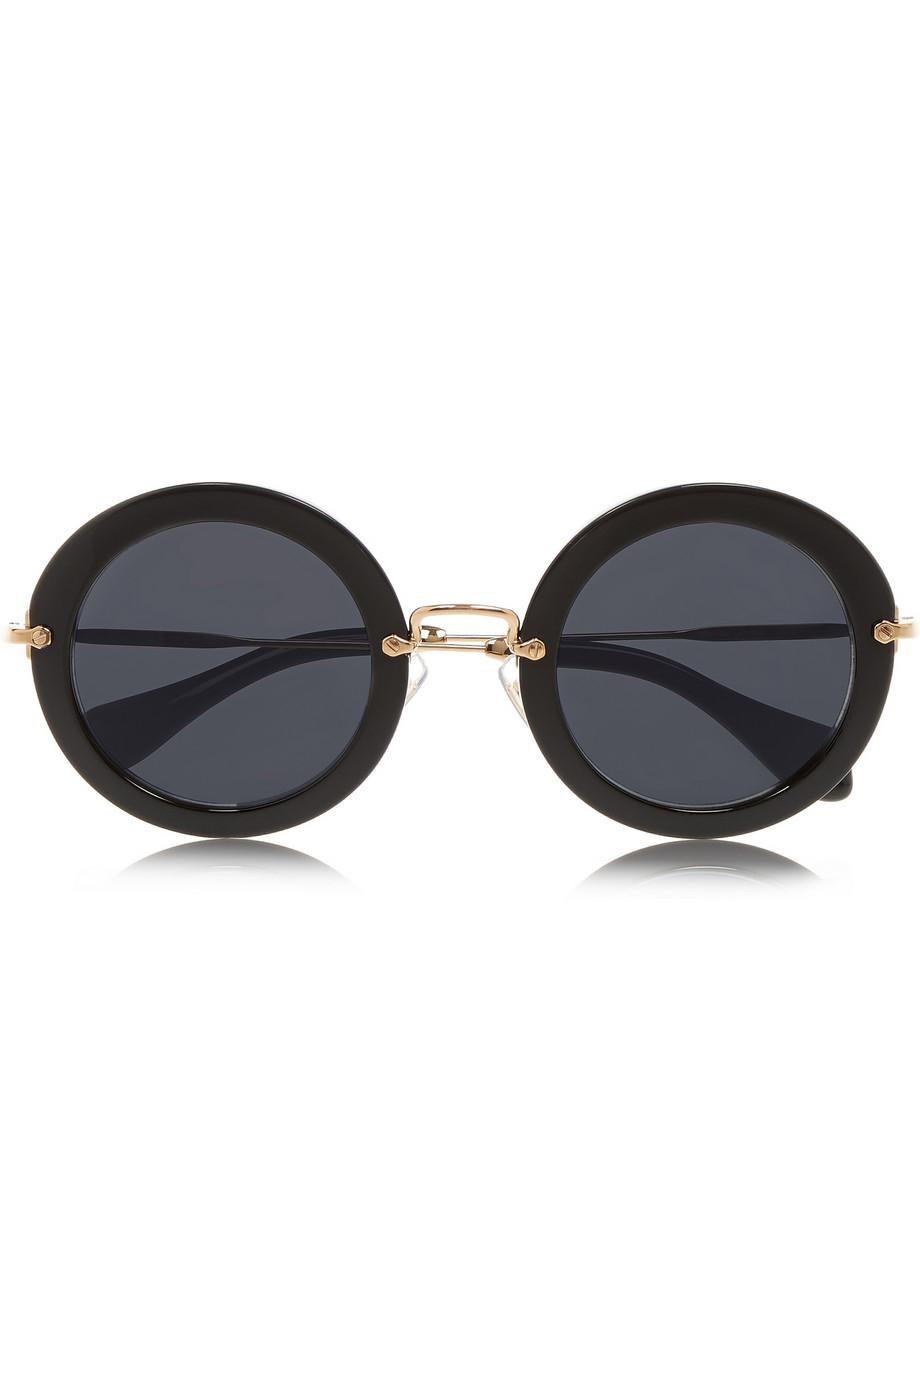 Miu Miu Round Frame Acetate Sunglasses In Black Lyst